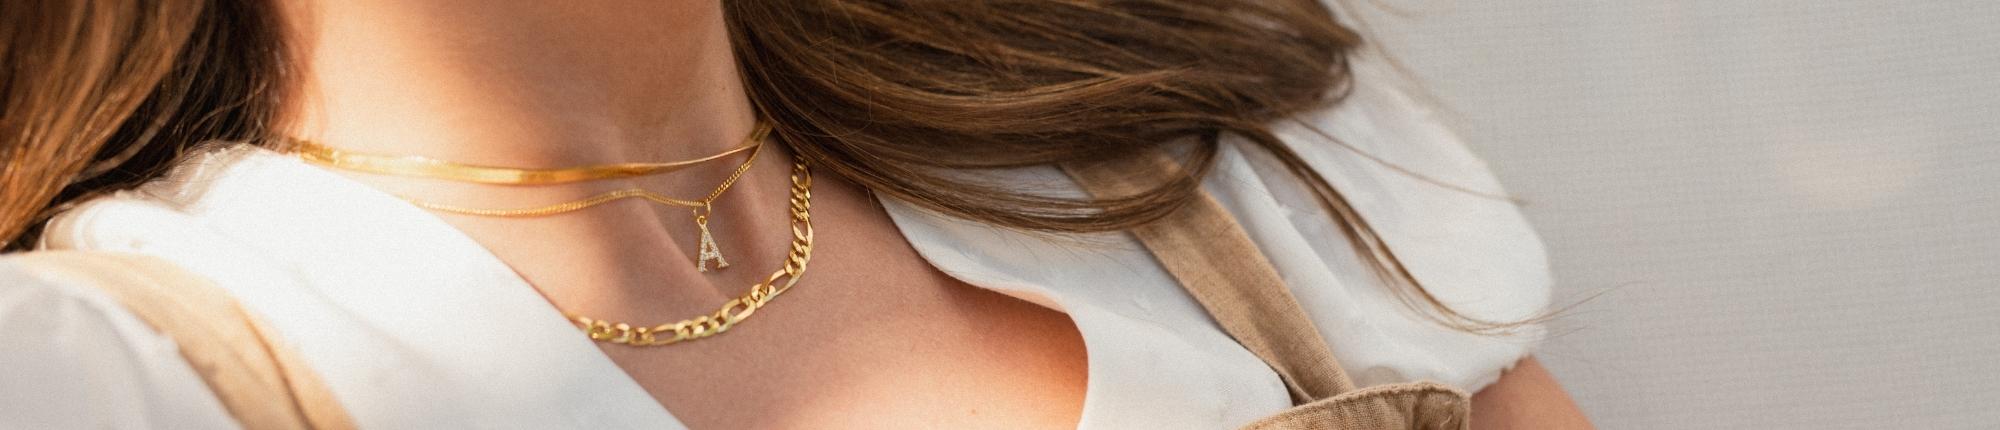 Gargantillas de plata y Gargantilla dorada | Gargantillas de moda